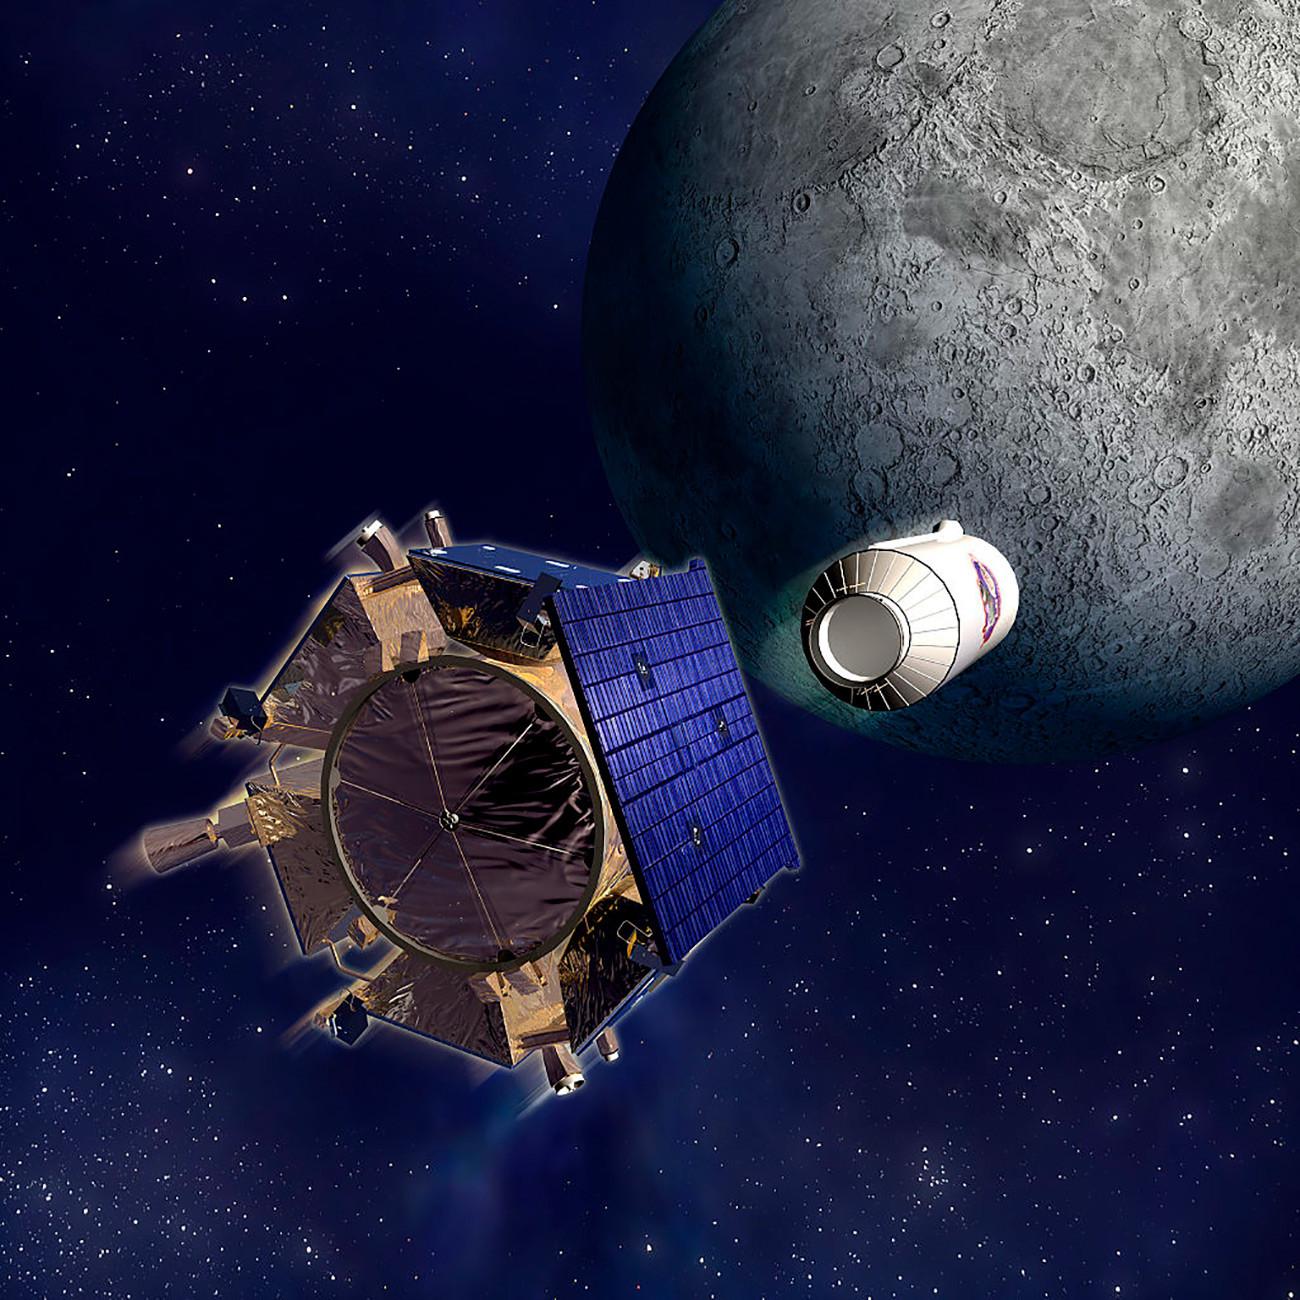 Ilustracija međuplanetarne svemirske stanice LCROSS i modula